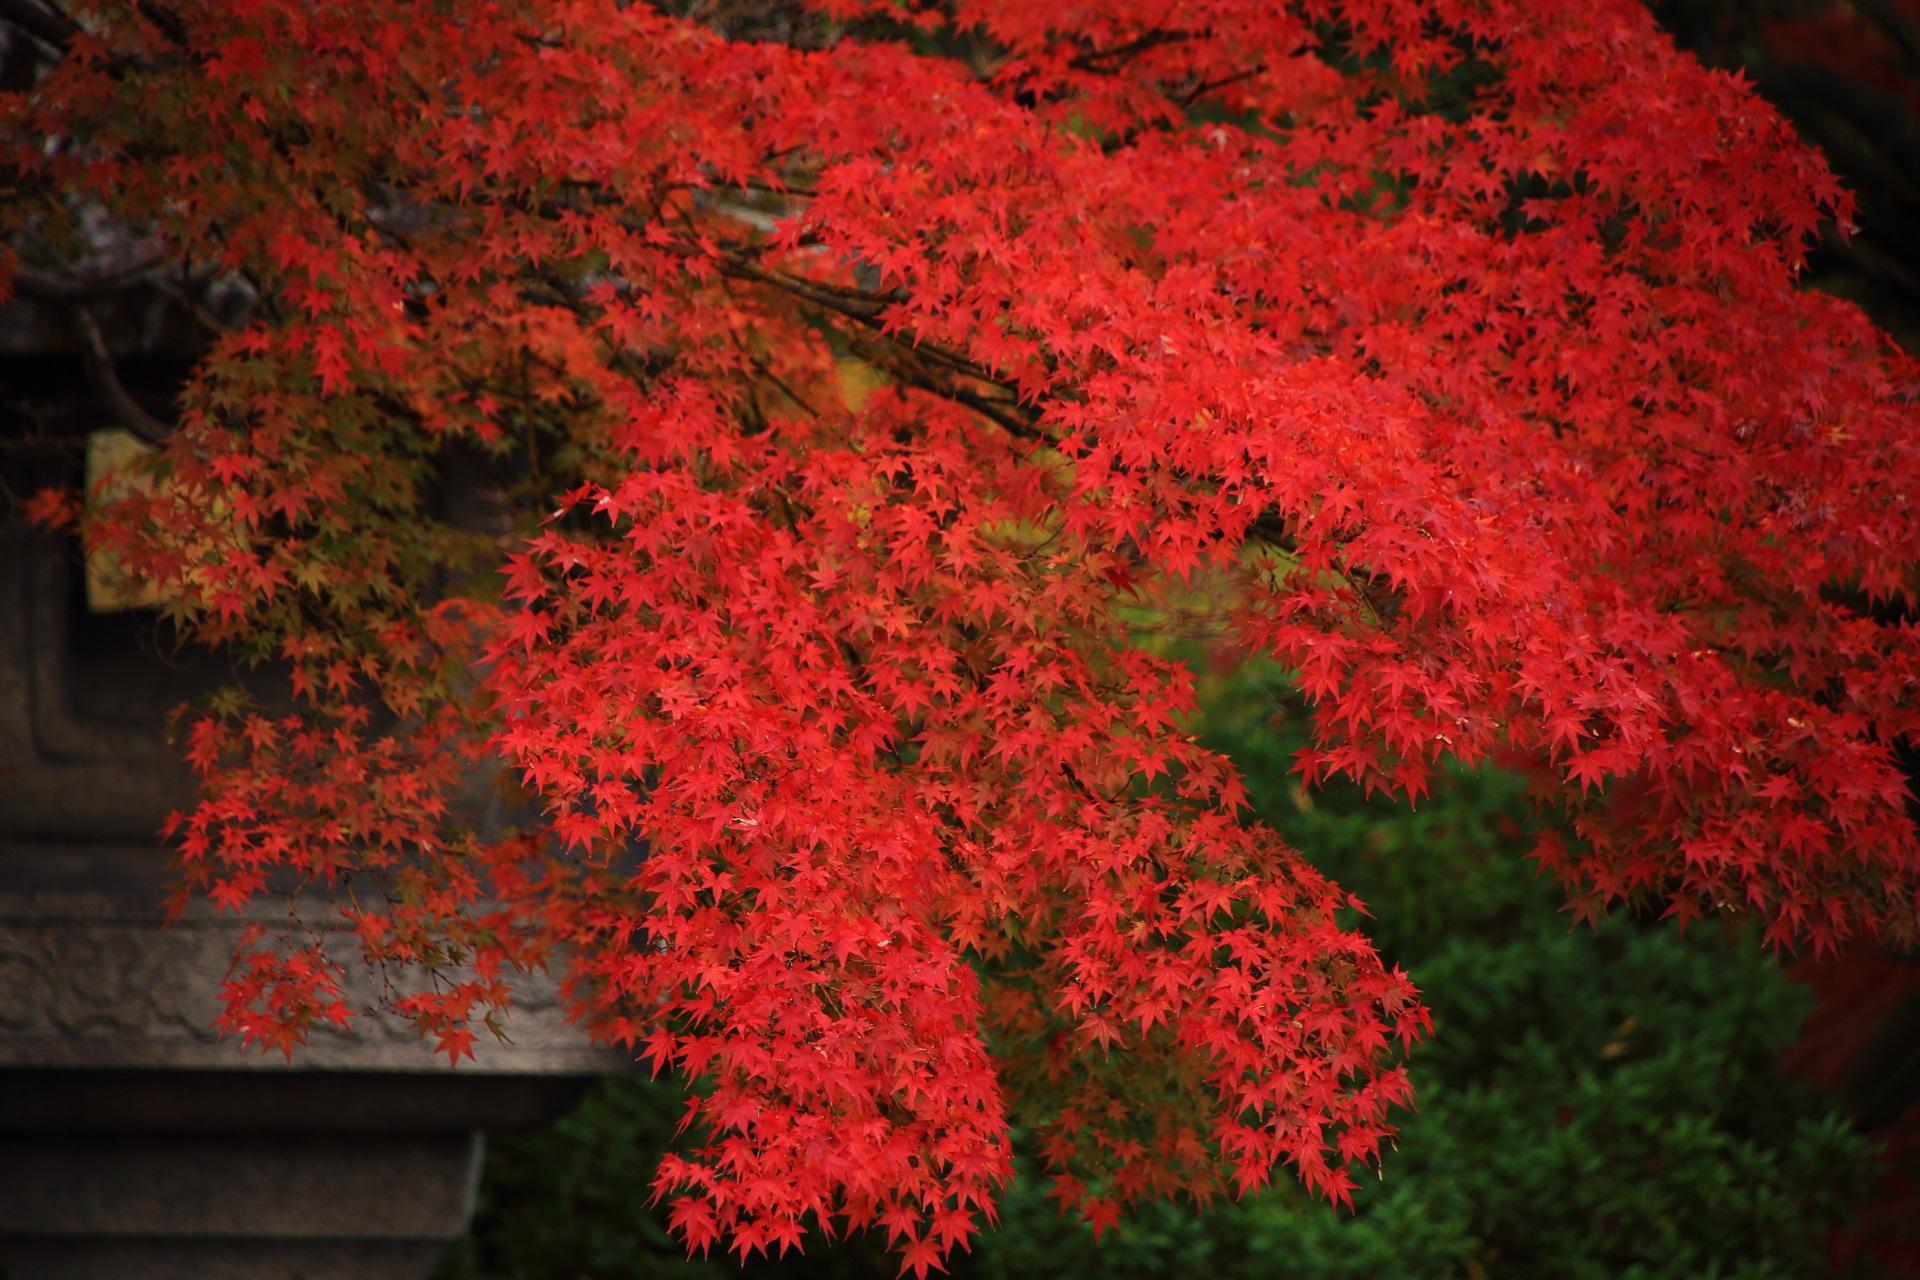 大谷本廟の美しい葉が溢れんばかりの見事な紅葉と燈籠